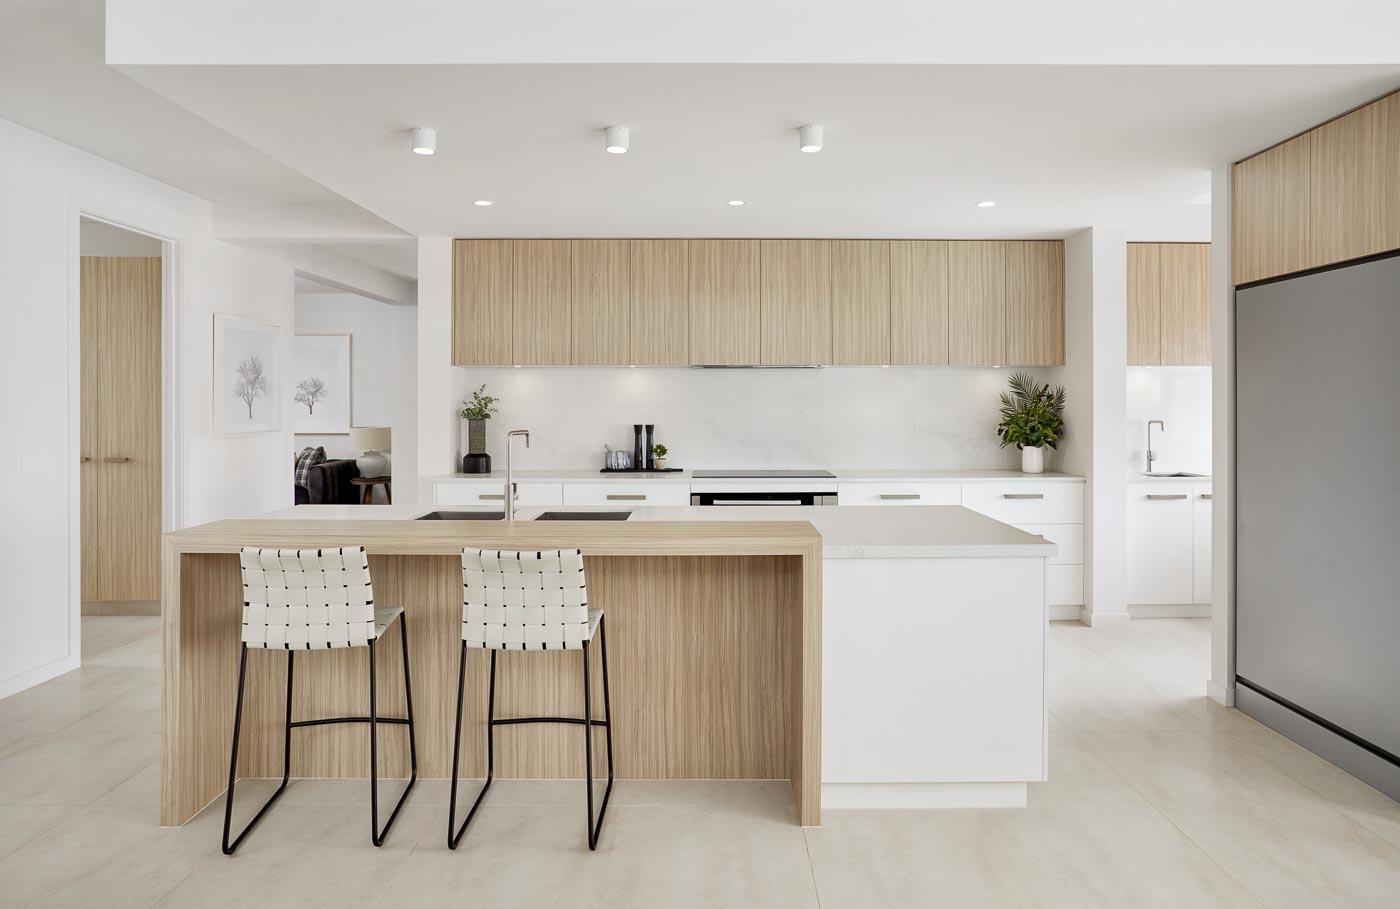 Keukens-stroo-berlare-fineer-laminaat-keukenwerkblad